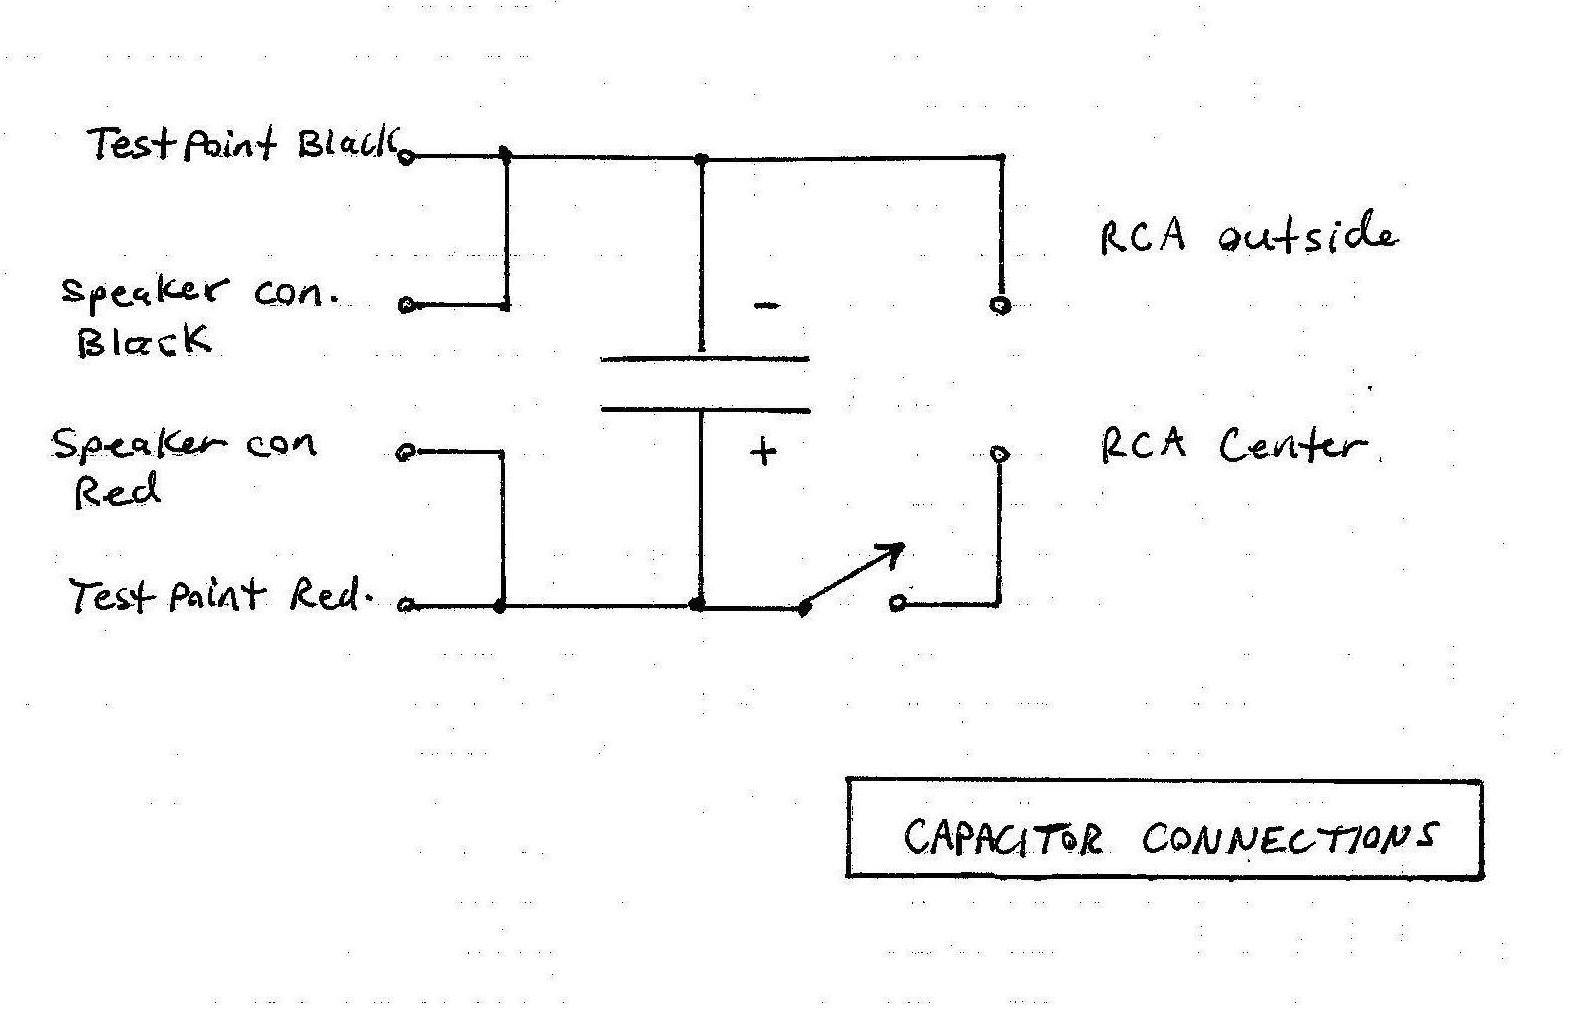 2600 farad capacitor flashlight [ 1571 x 1010 Pixel ]